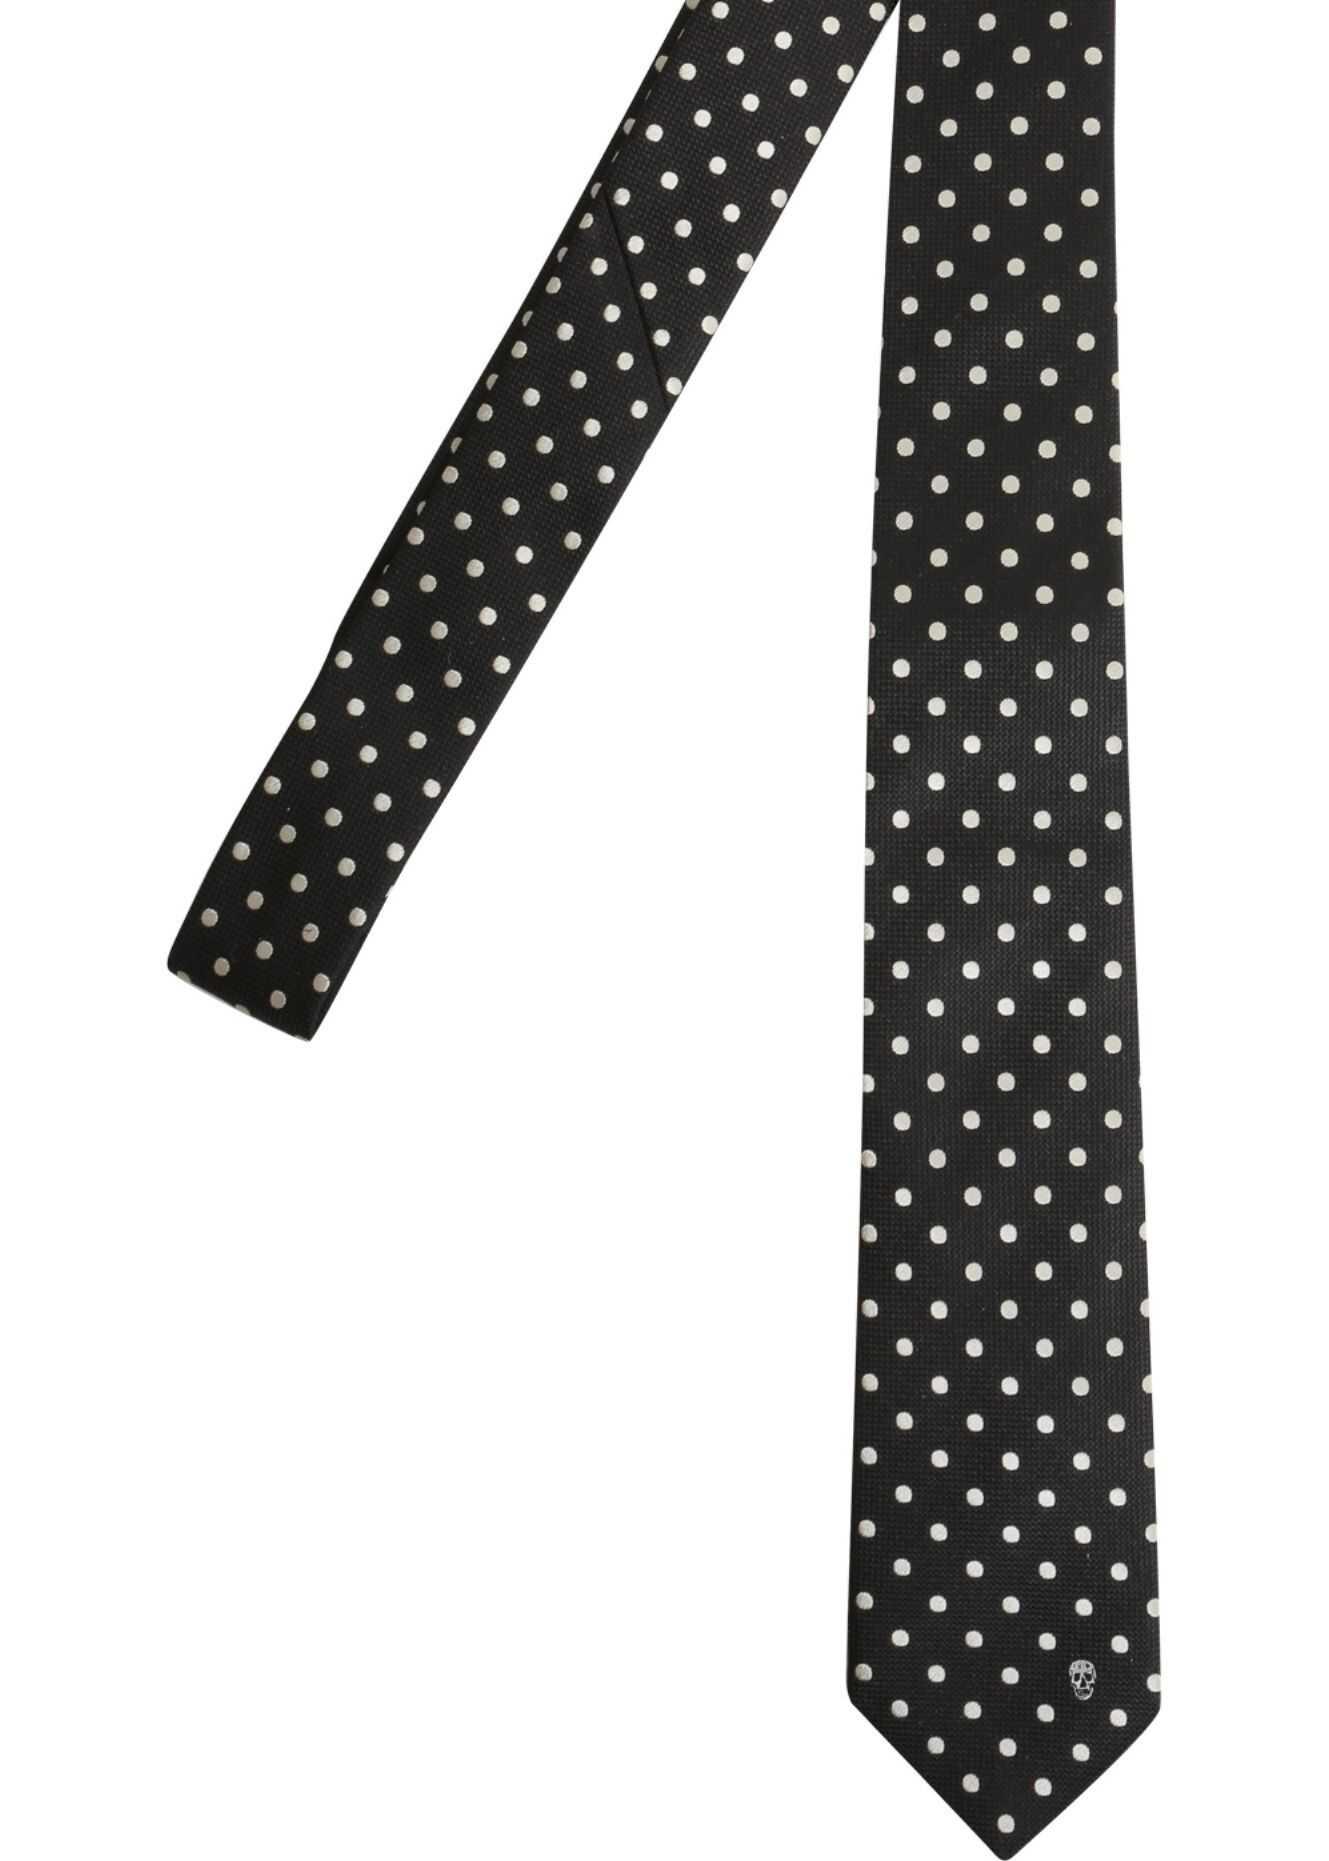 Alexander McQueen Polka Dots Tie BLACK